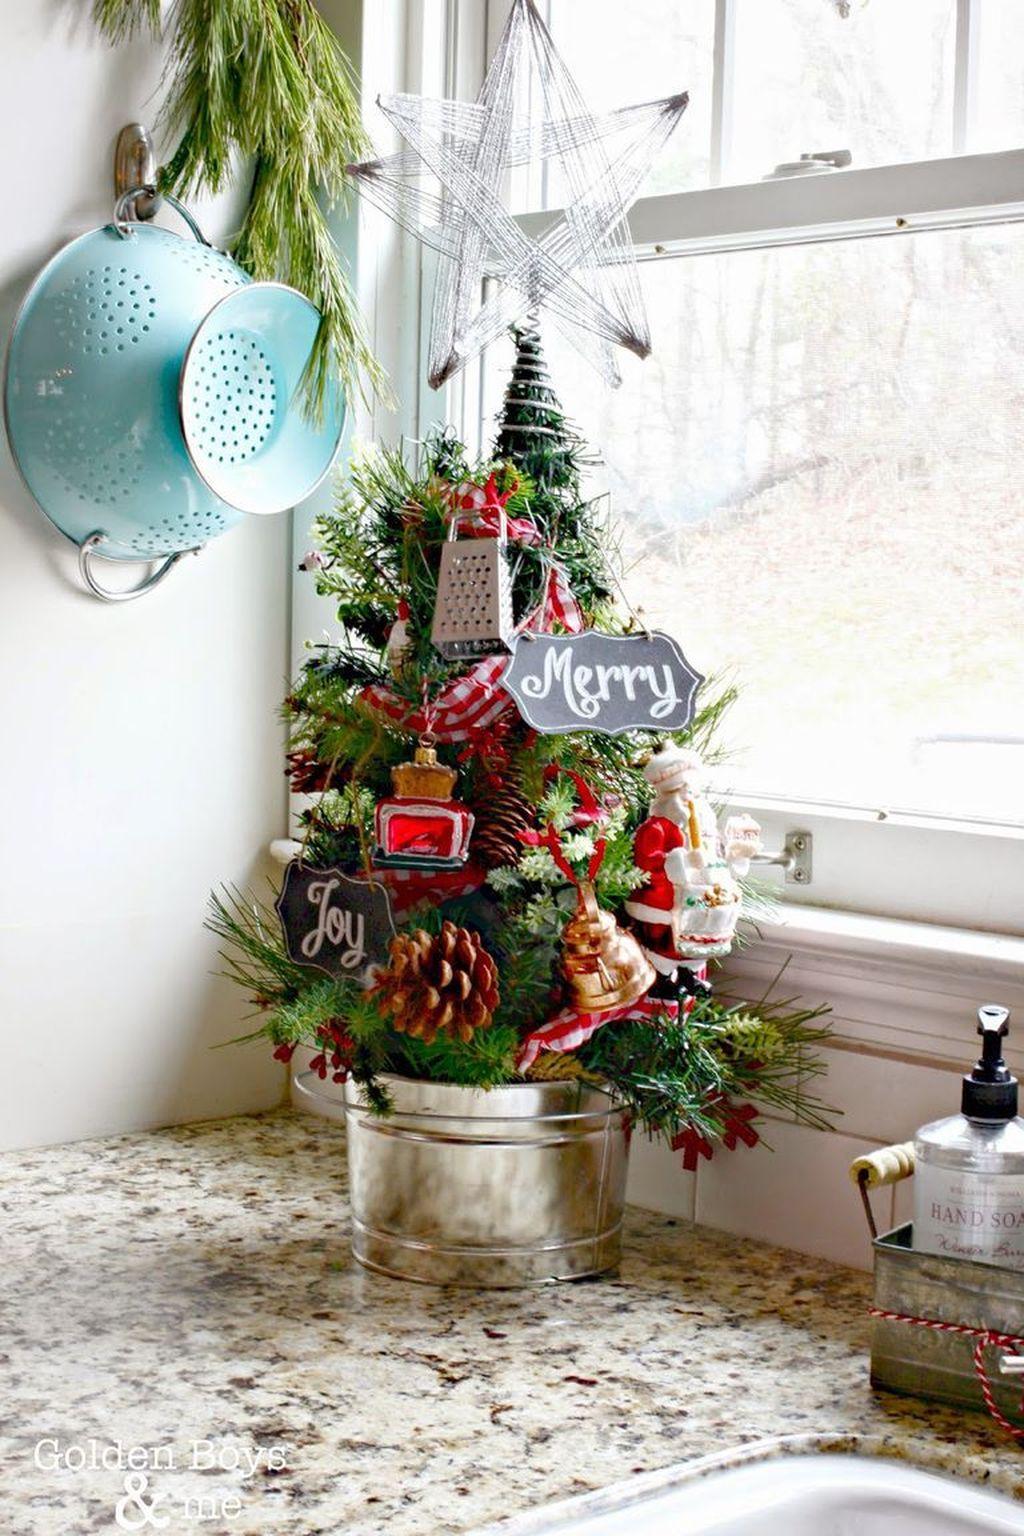 Awesome Christmas Theme Kitchen Decor Ideas 09